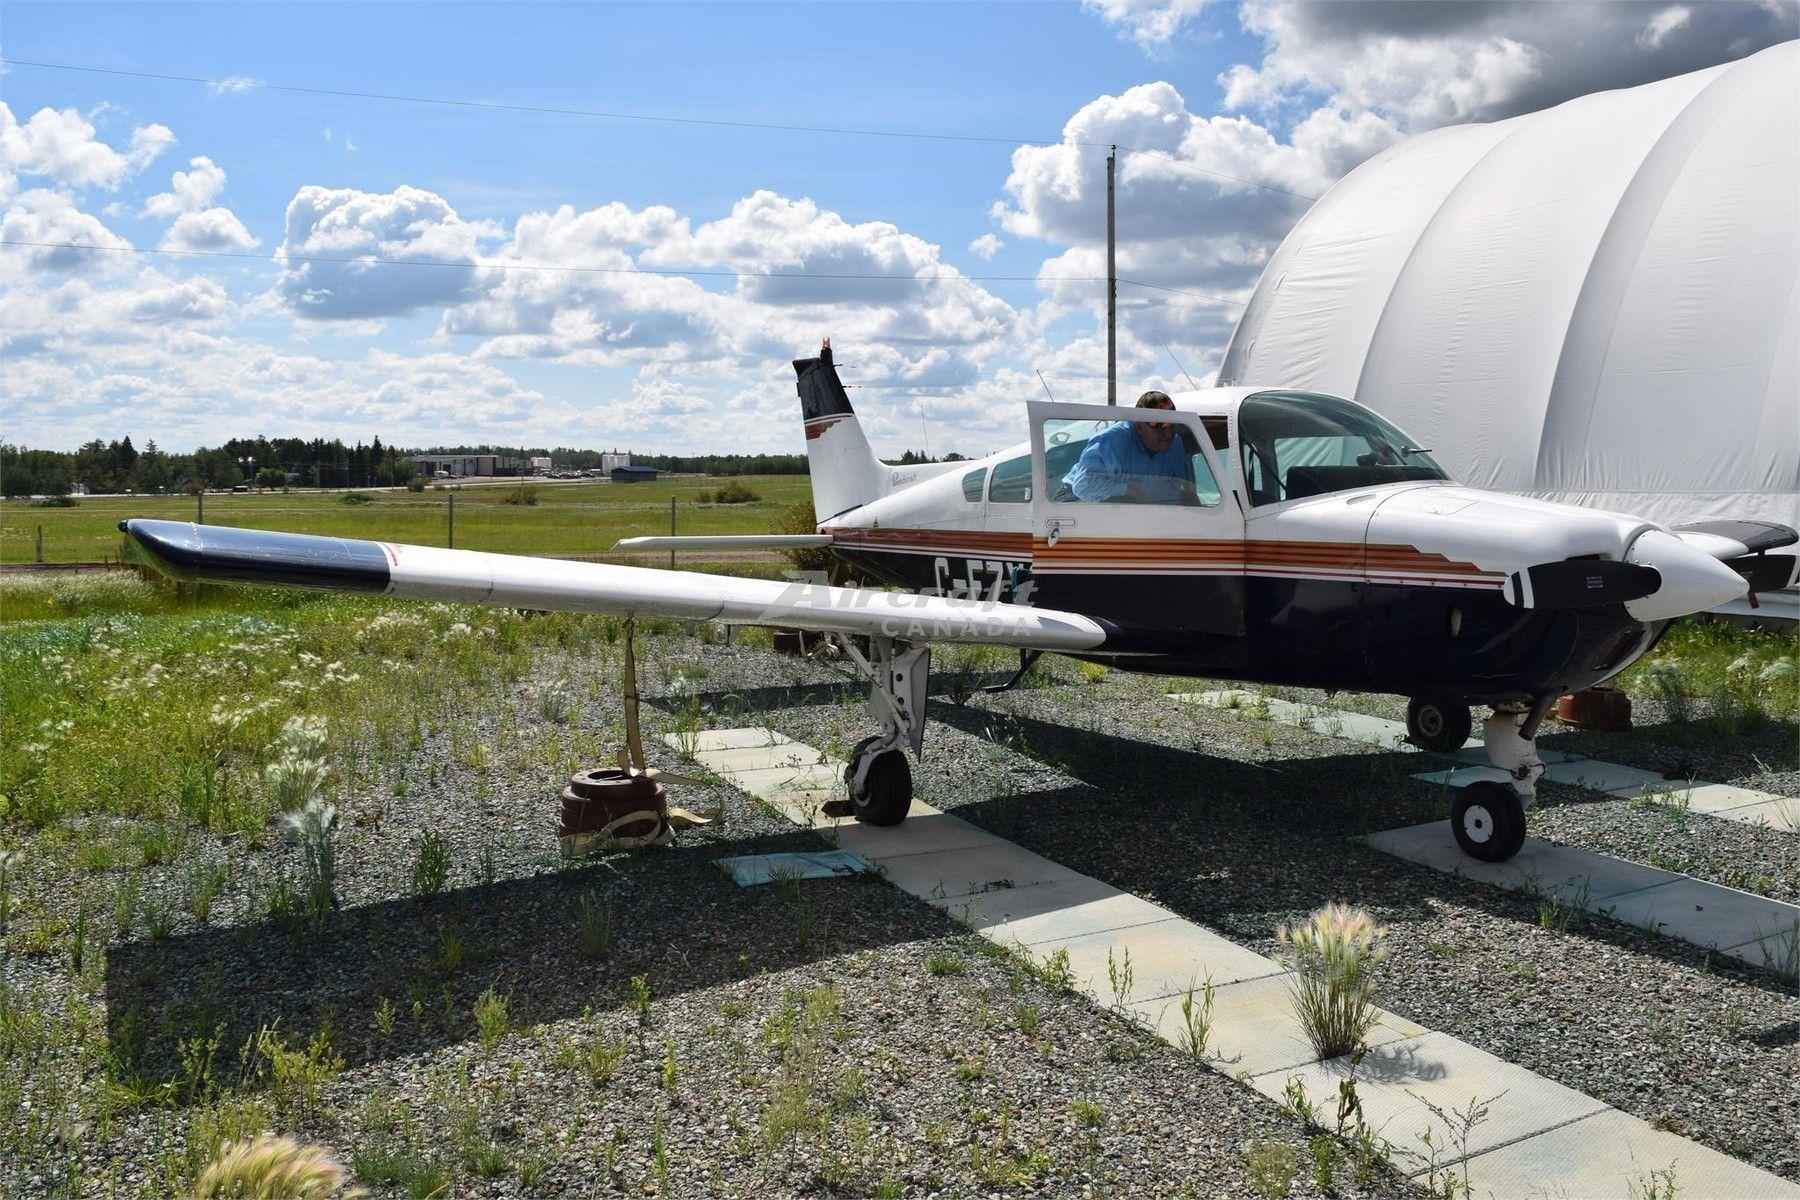 1971 Beechcraft A24R Sierra for sale in Calgary, AB Canada